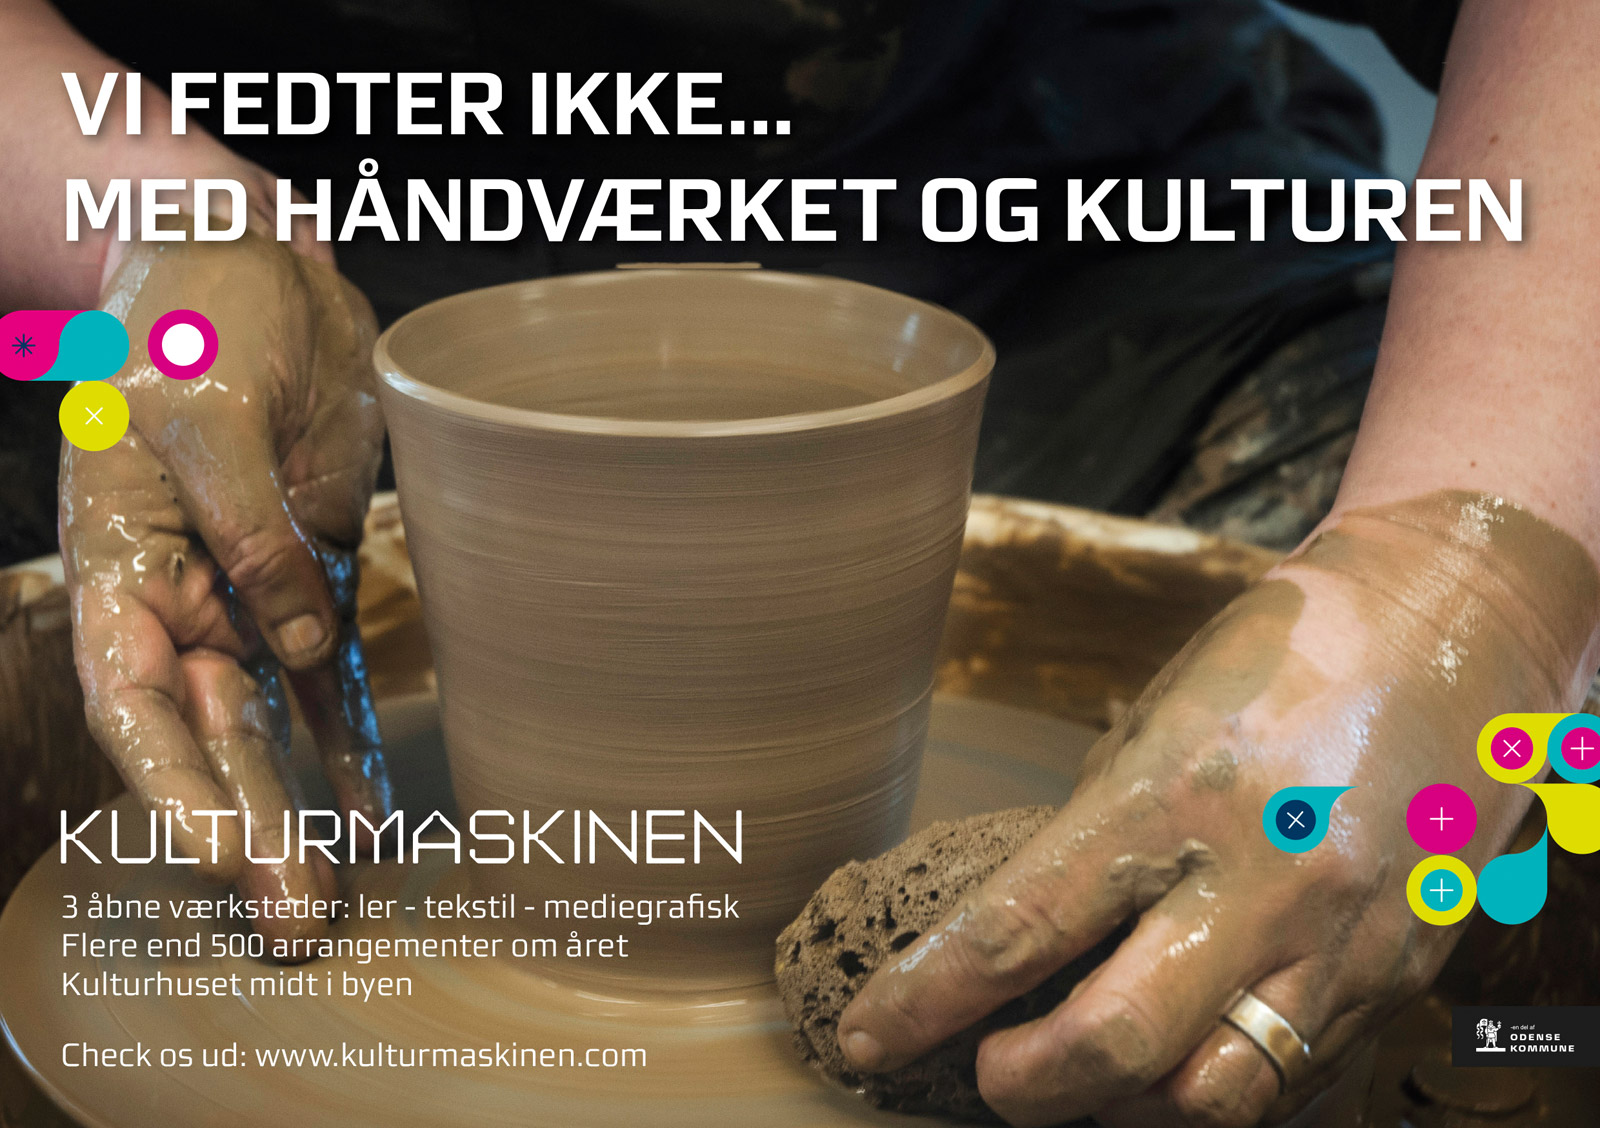 Annonce Kulturmaskinen0